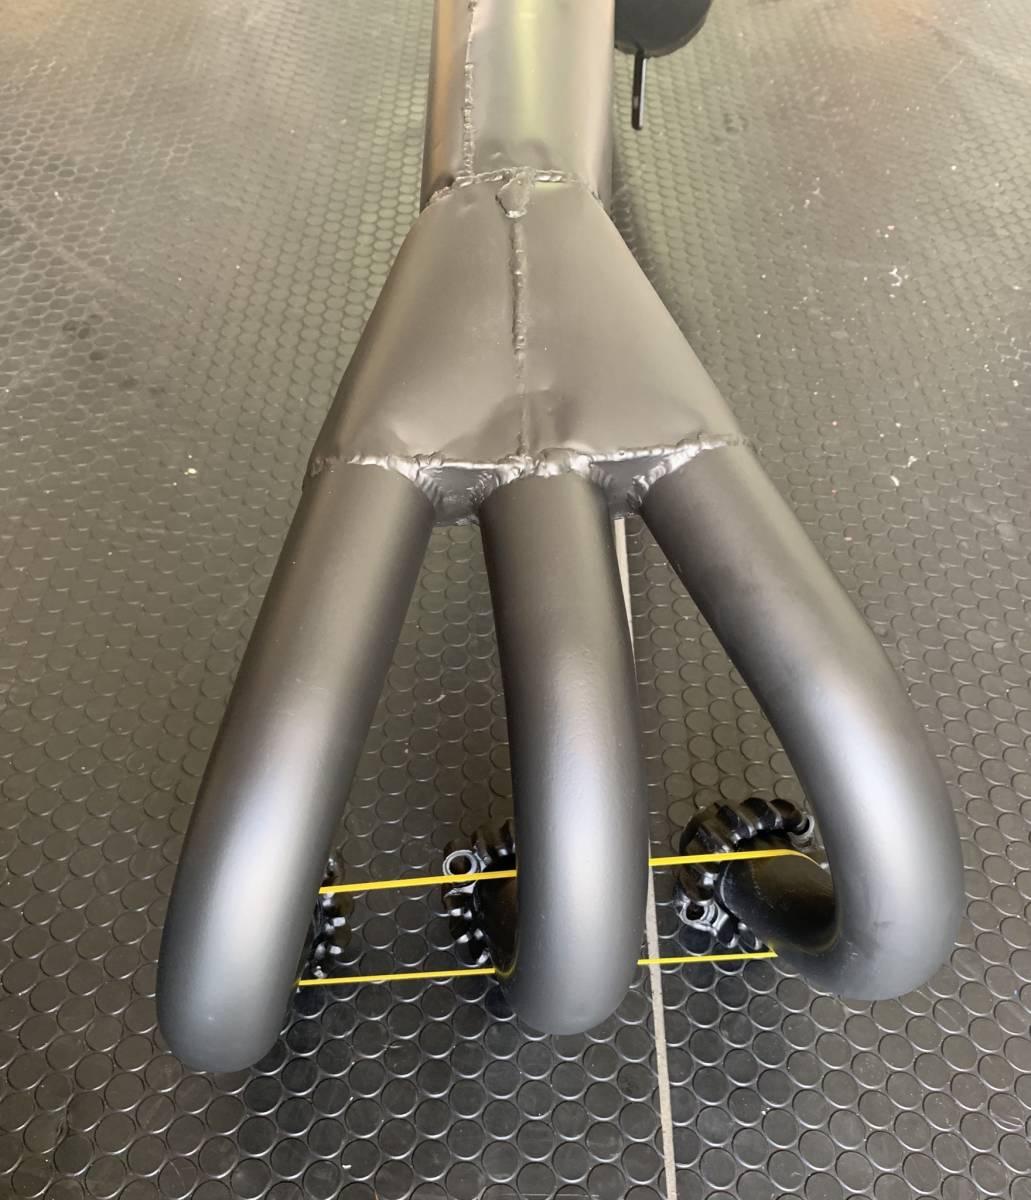 GT380 ロングタレ管 セラコート塗装後未使用 検スガヤ?_画像2